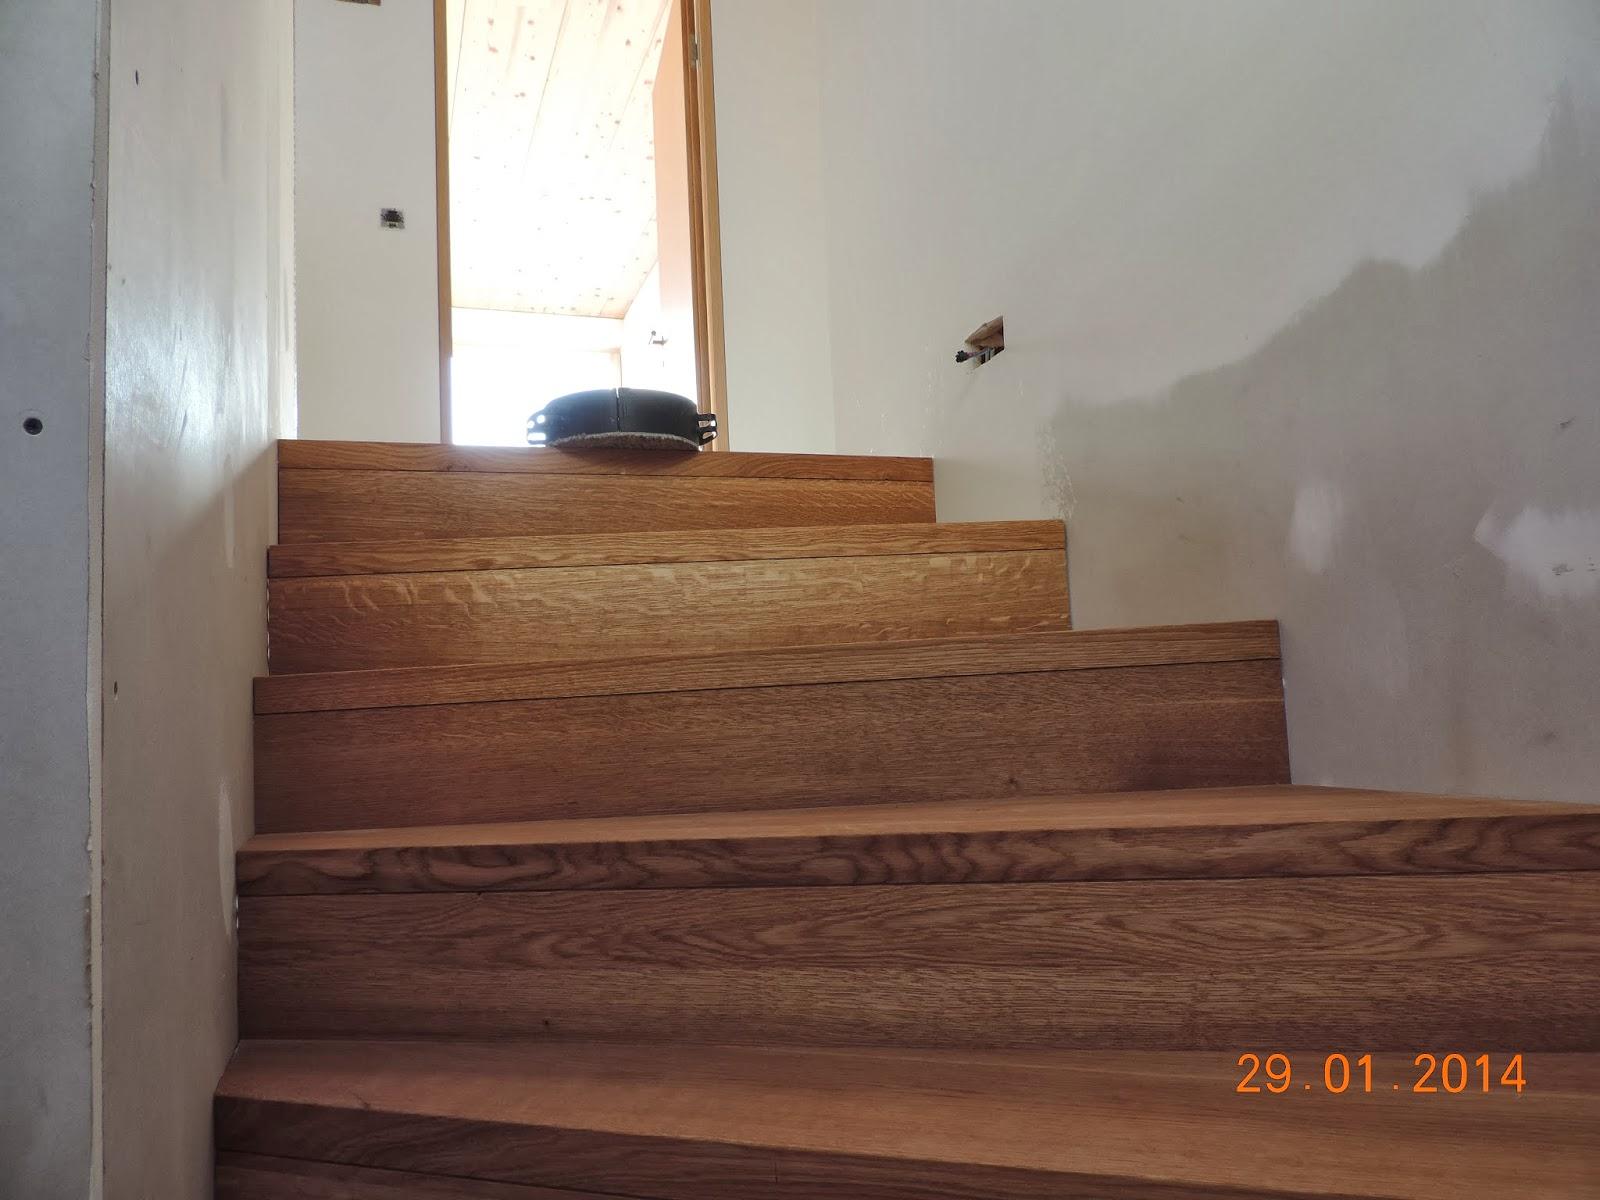 hausbau tagebuch von kathrin und kraxi stiegenbau die 2te. Black Bedroom Furniture Sets. Home Design Ideas